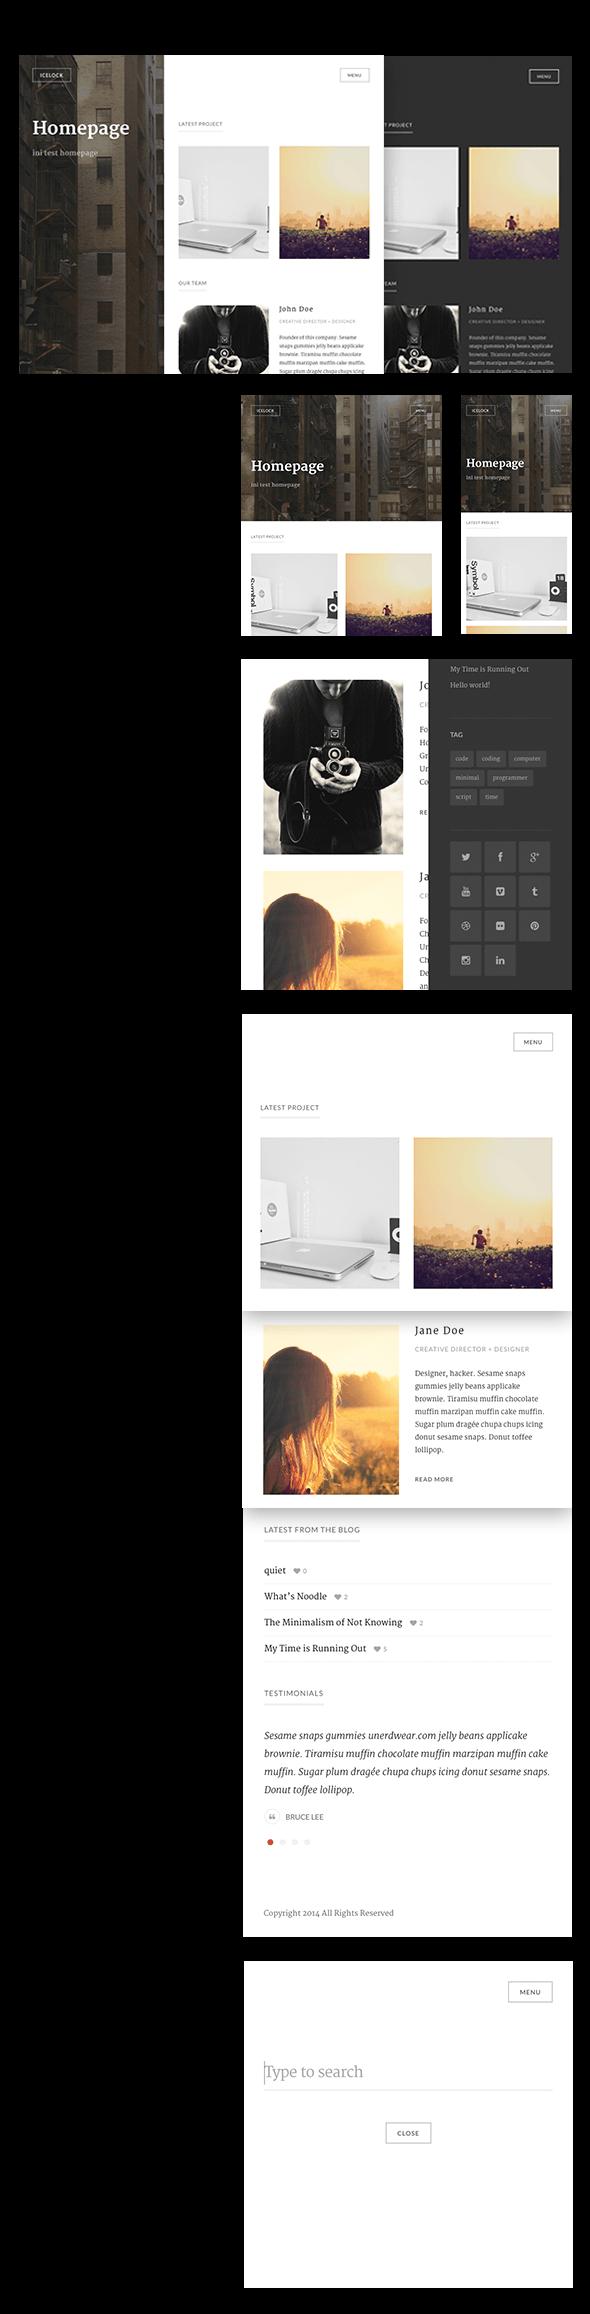 WordPress theme Icelock - Portfolio WordPress Theme (Portfolio)